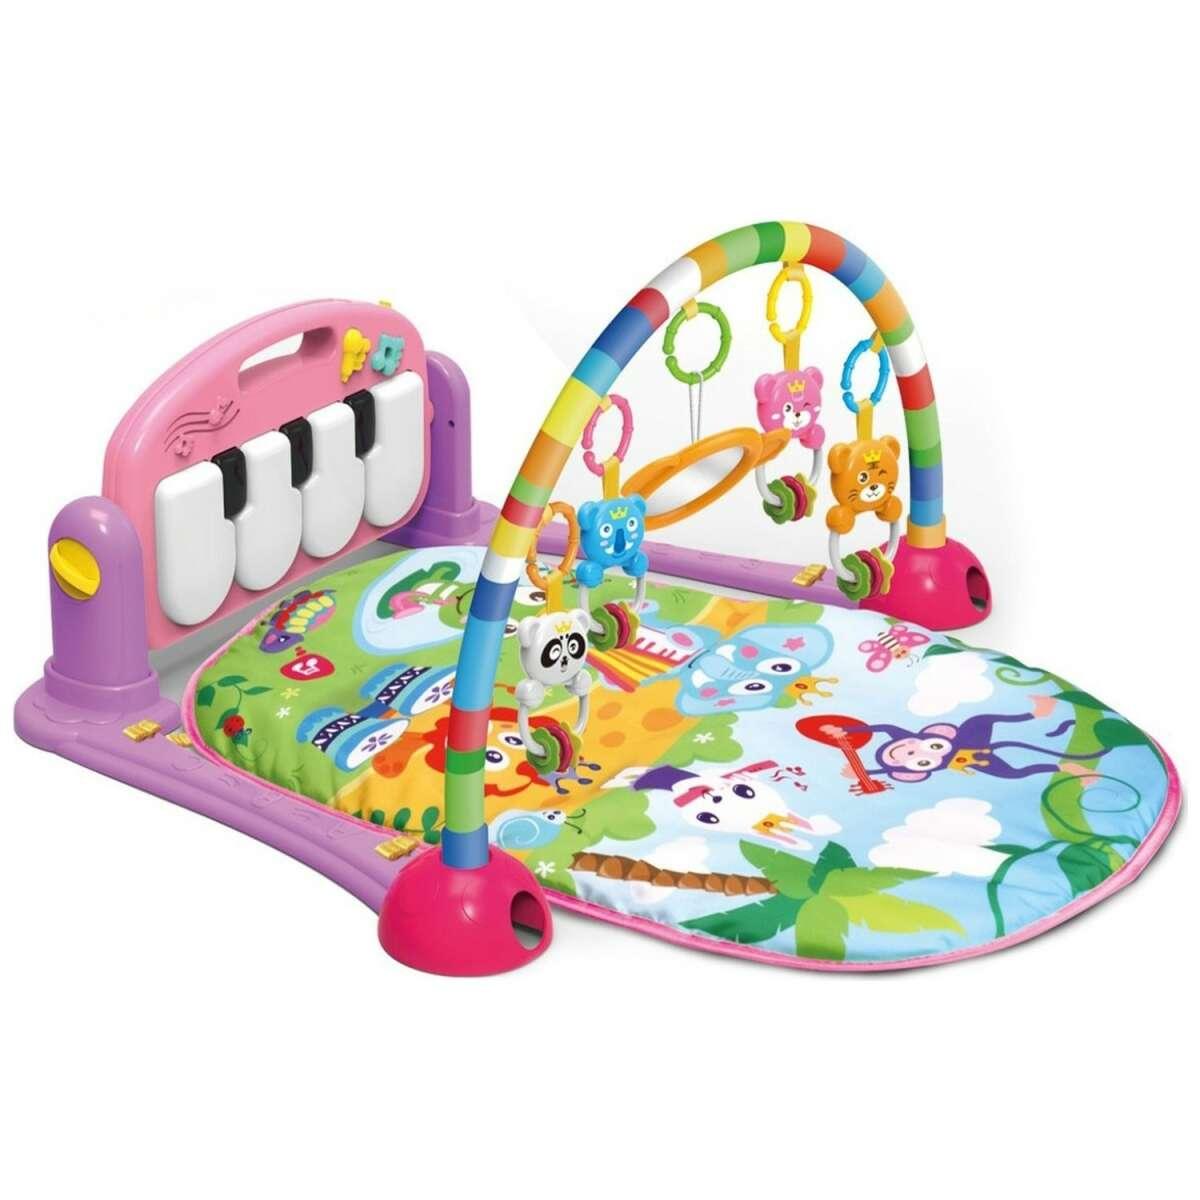 TLC Baby Piano Gym Mat Pink Aktivitātes paklājs ar pianino un mantiņam,ar skaņu